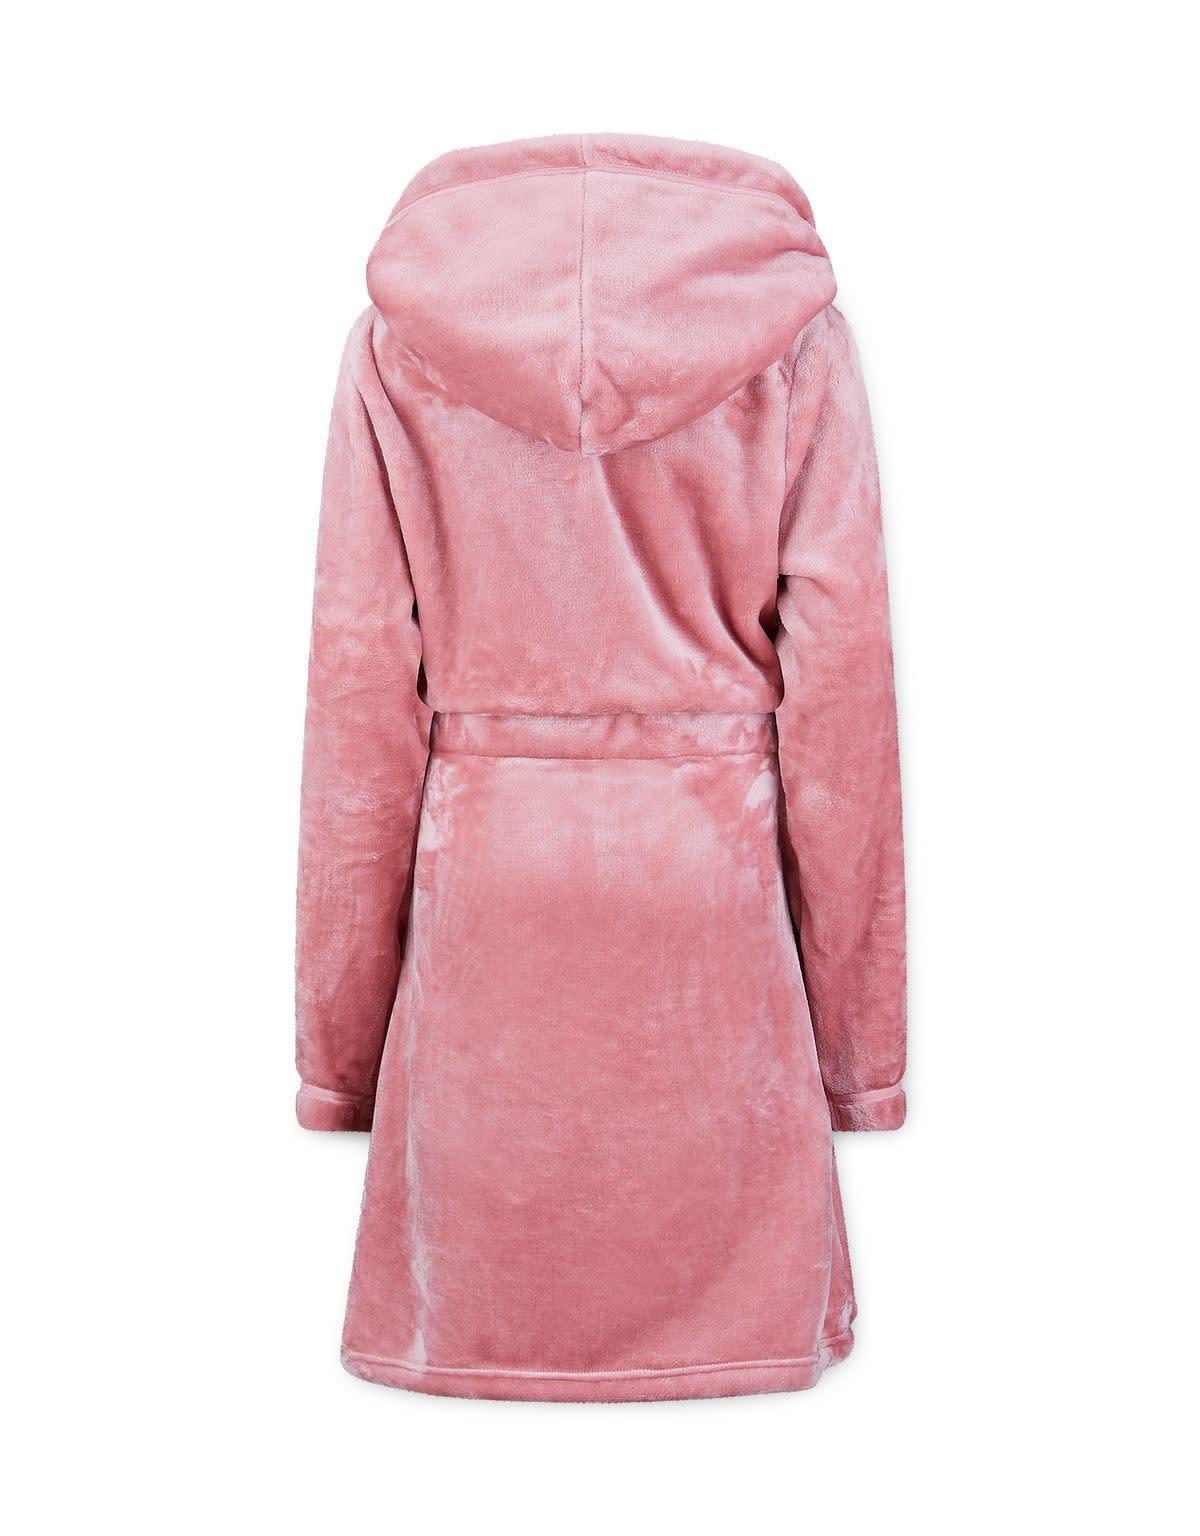 Badjas 41168 - pink-3